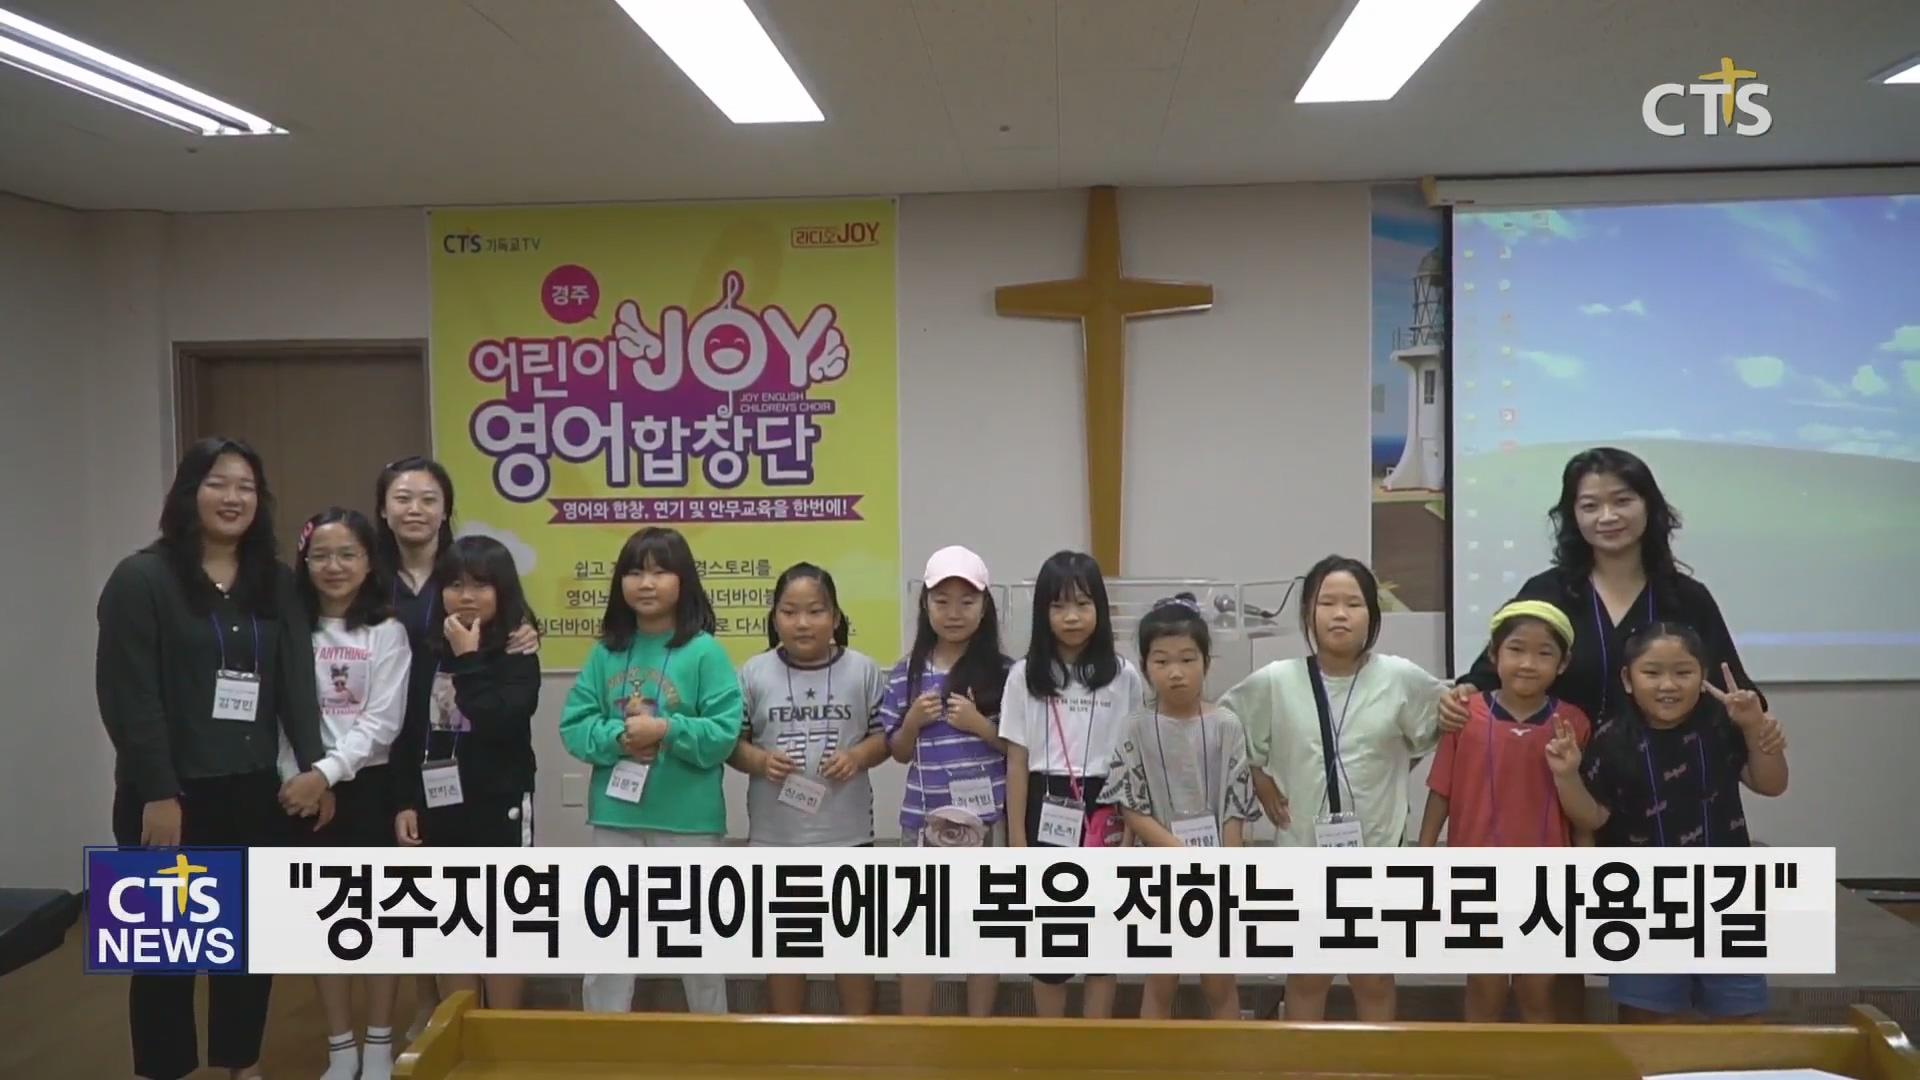 경주·대전 CTS JOY 어린이 영어합창단 창립